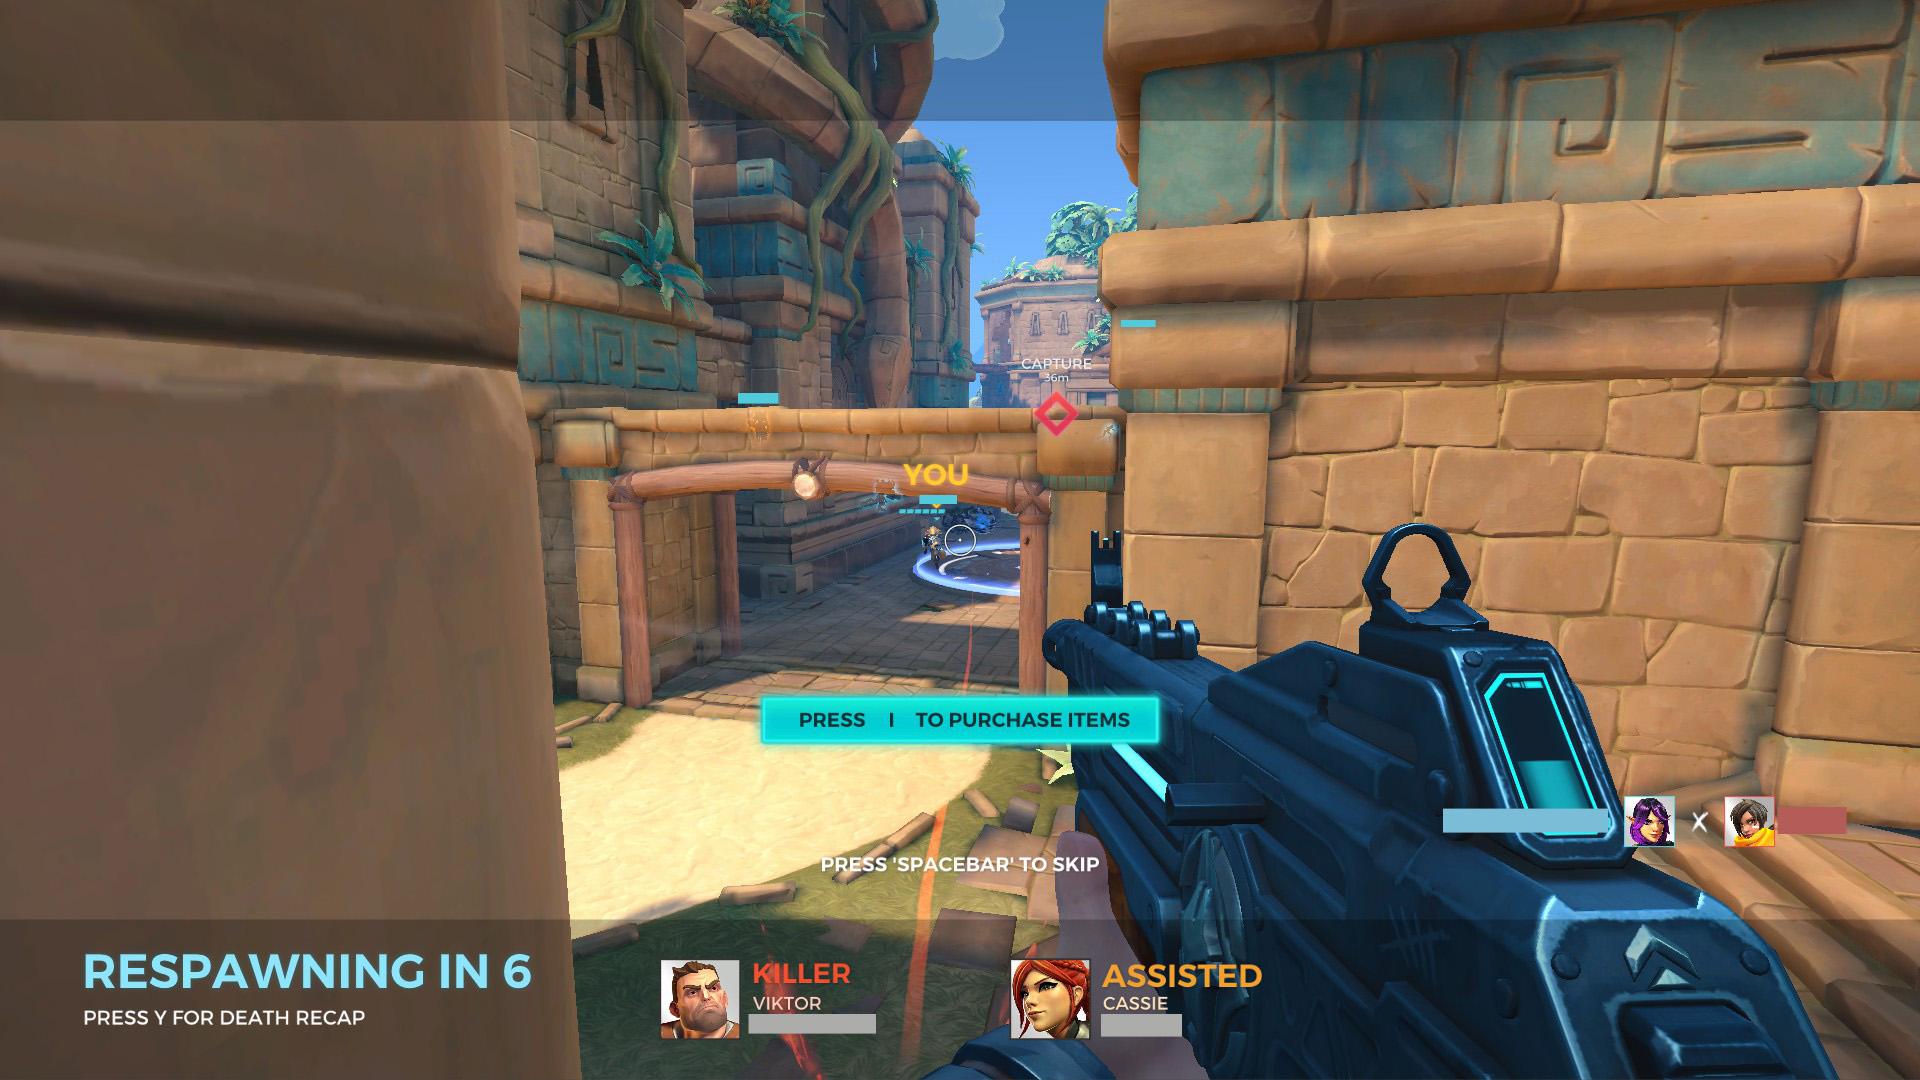 Les derniers moments avant la mort sont repassés au joueur du point de vue de son assaillant pour l'aider à comprendre.